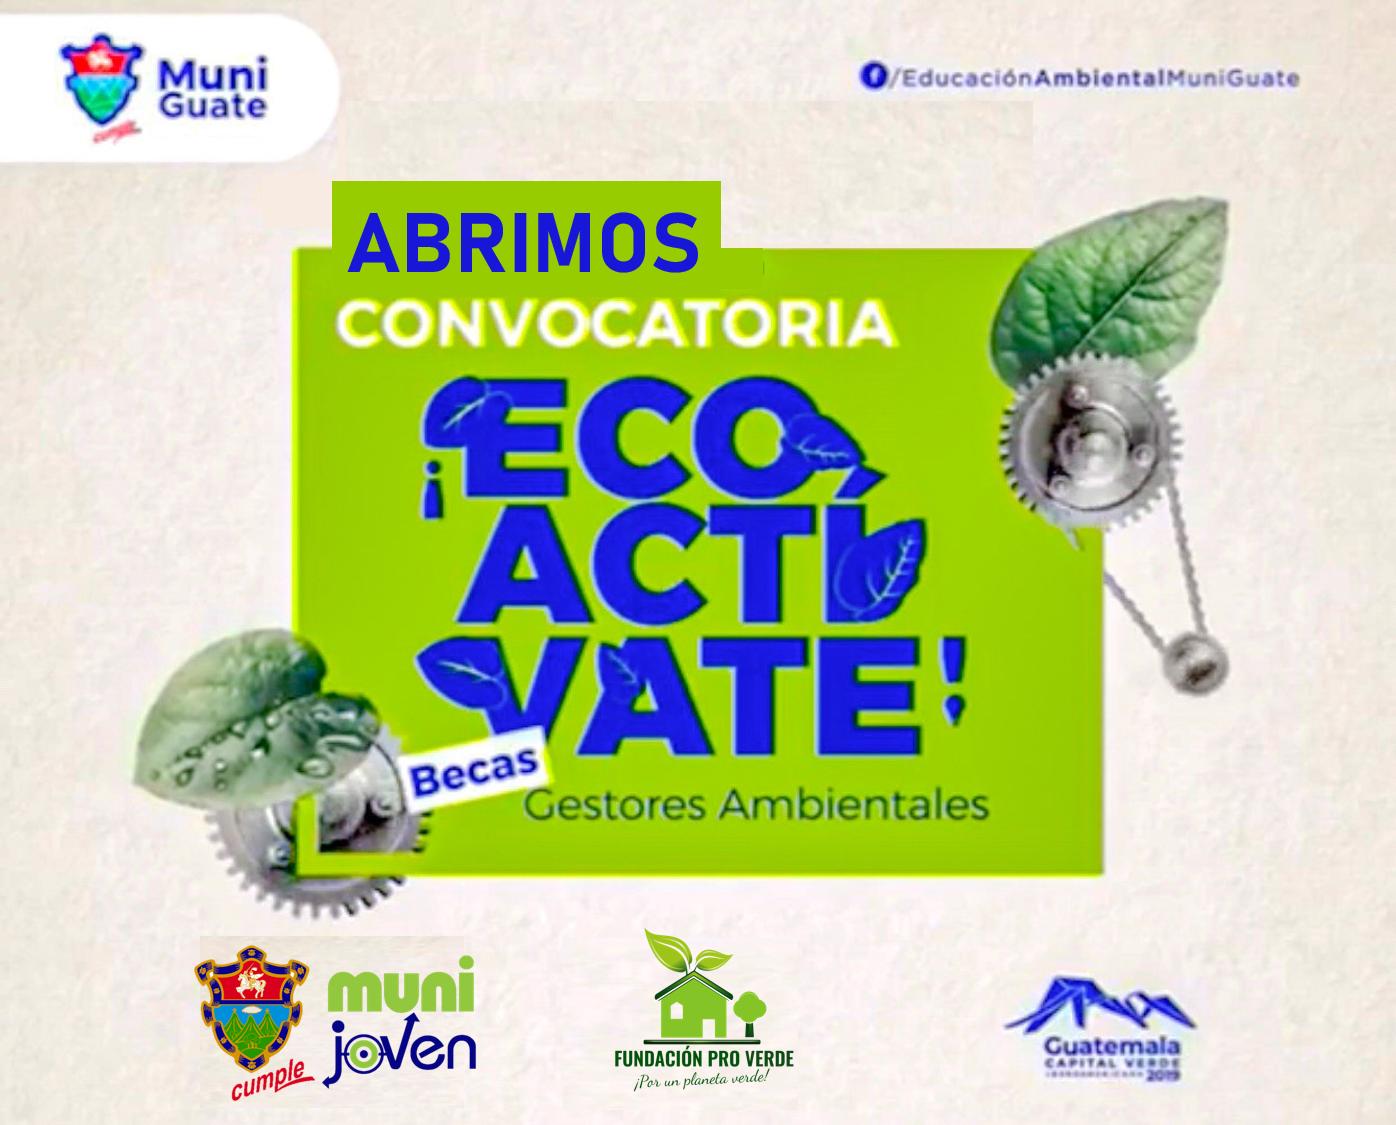 Convocatoria de becas Gestores Ambientales 2019 en la Ciudad de Guatemala